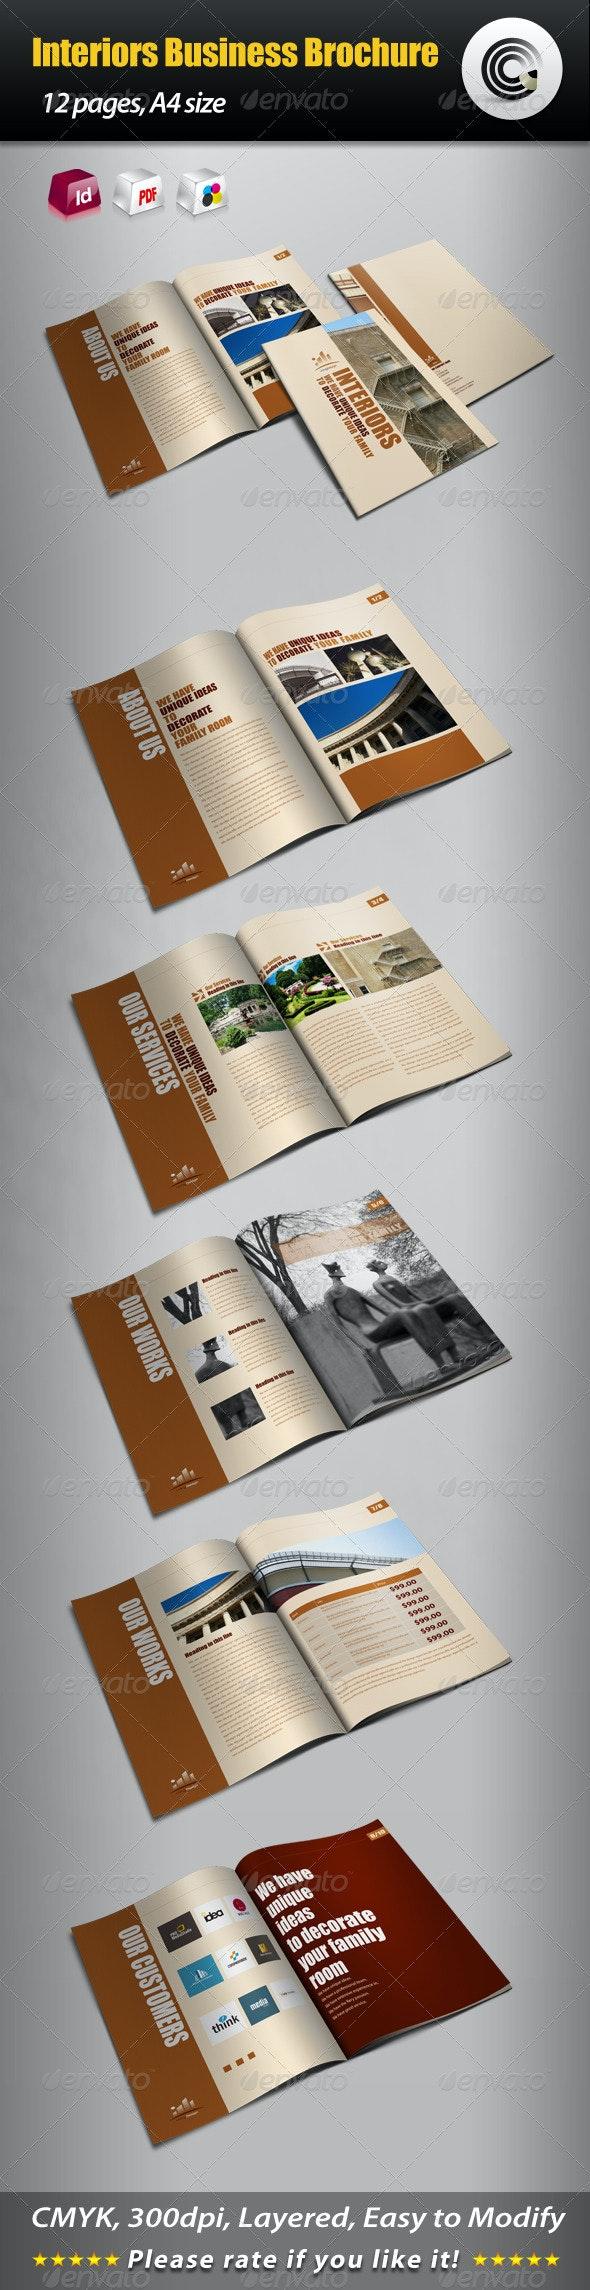 Interiors Business Brochure - Corporate Brochures